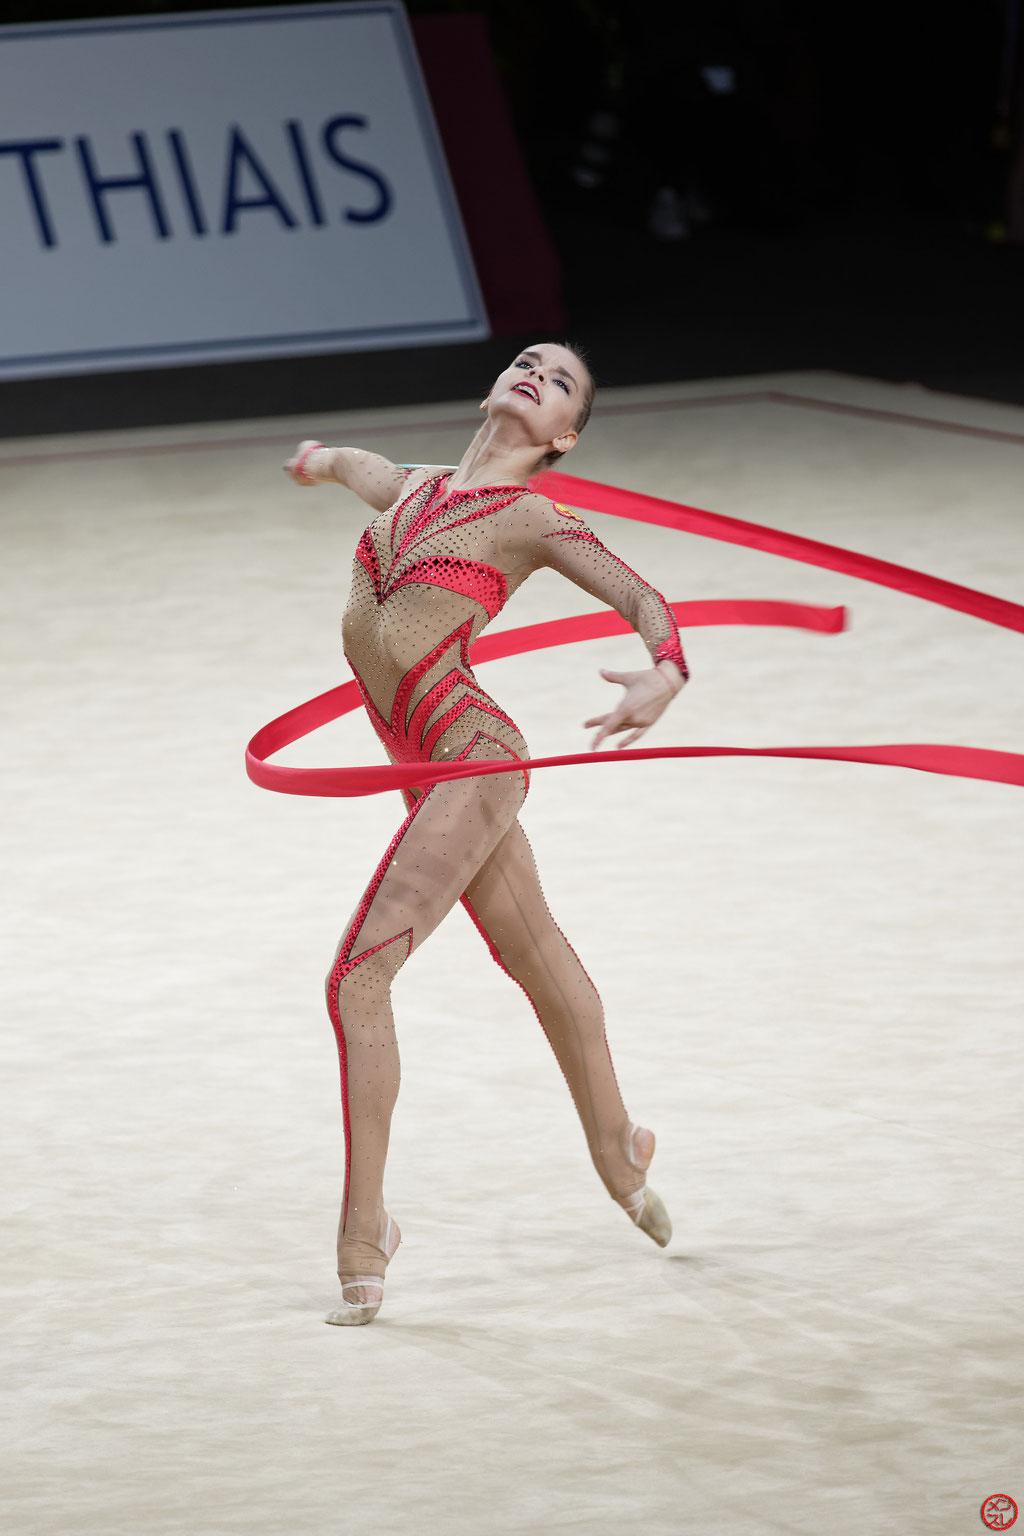 Gymnastique Rythmique. Grand Prix de Thiais 2017.